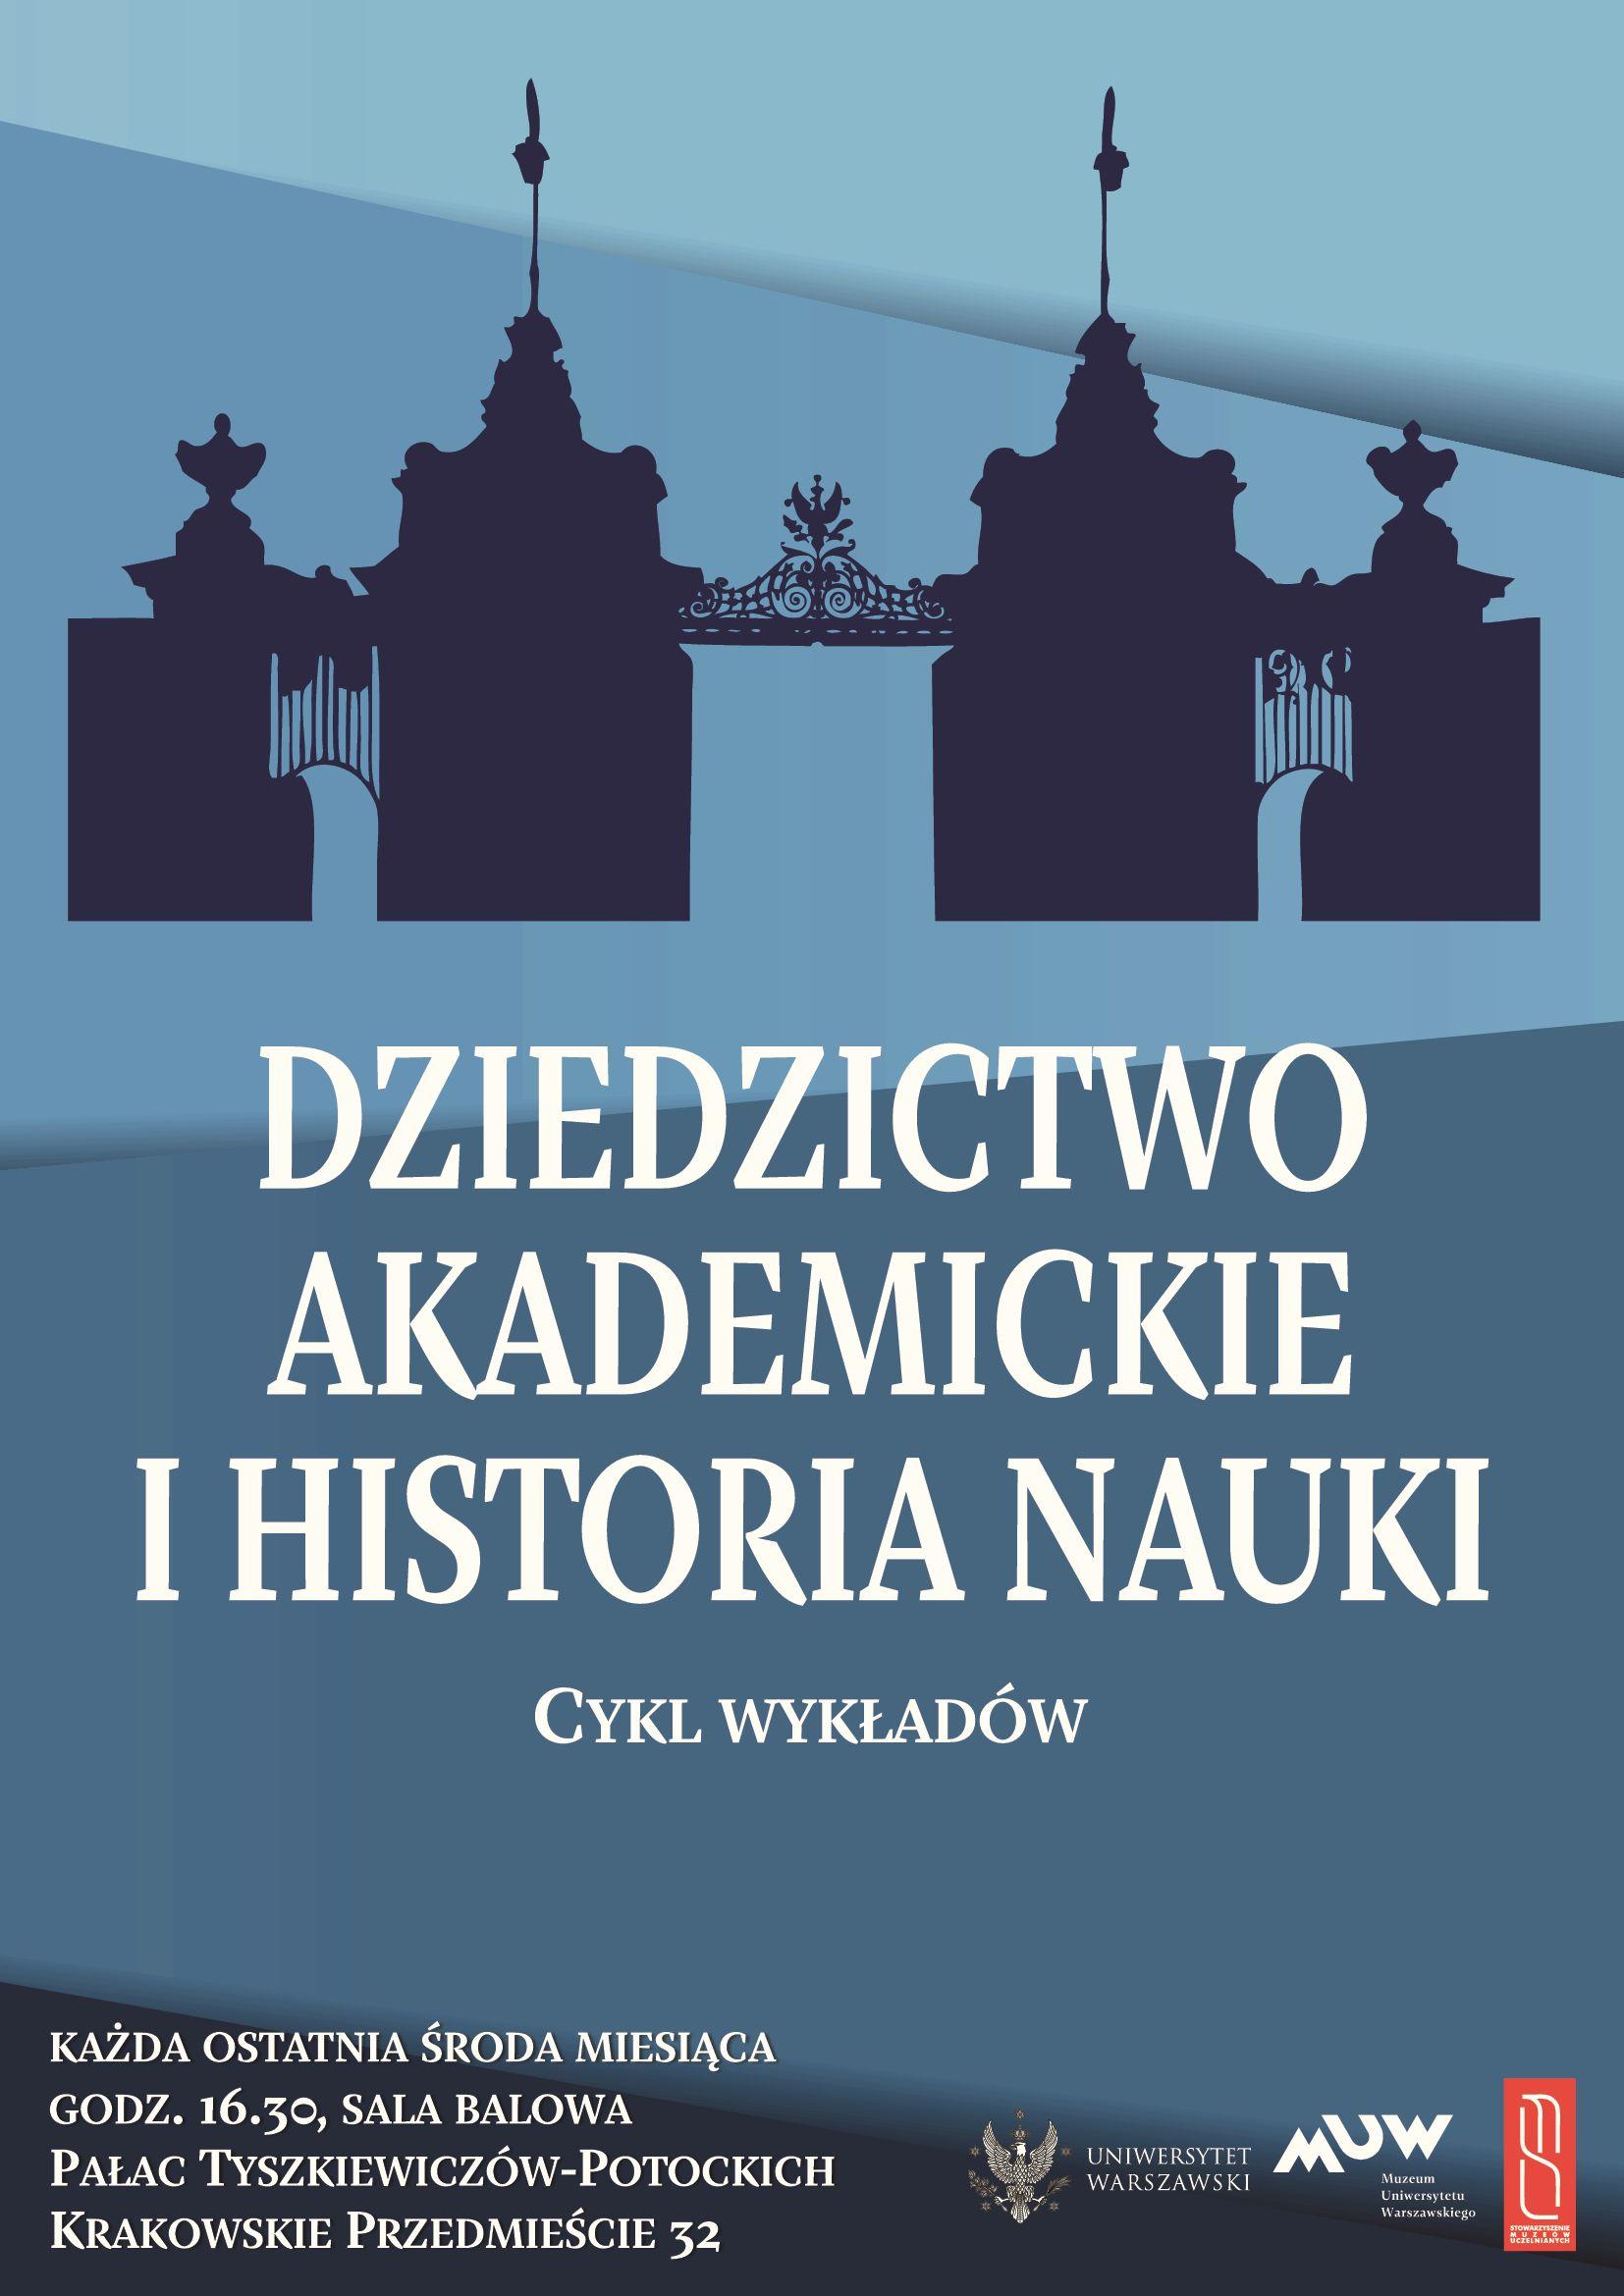 DZIEDZICTWO AKADEMICKIE I HISTORIA NAUKI, cykl wykładów Muzeum UW oraz SMU